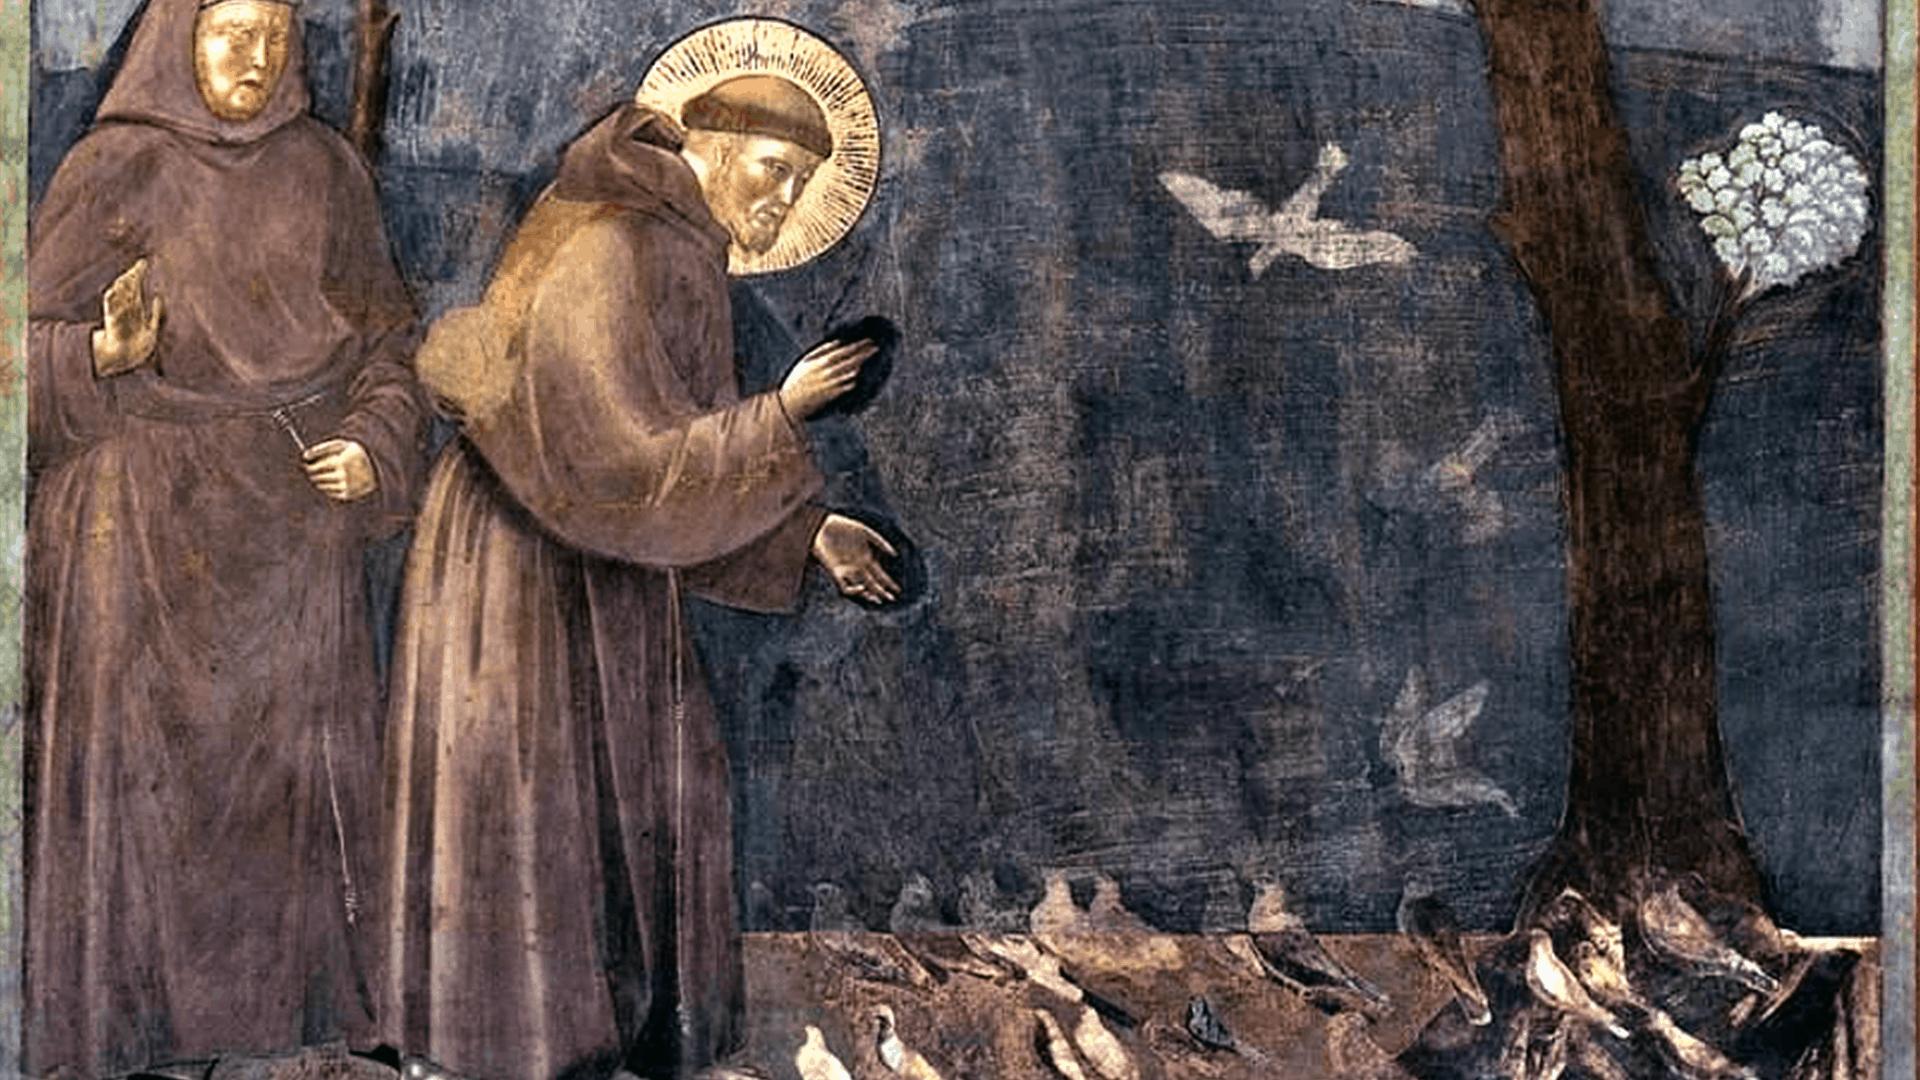 franciscus-assisi-prediking-vogels-olv-ter-nood-heiloo